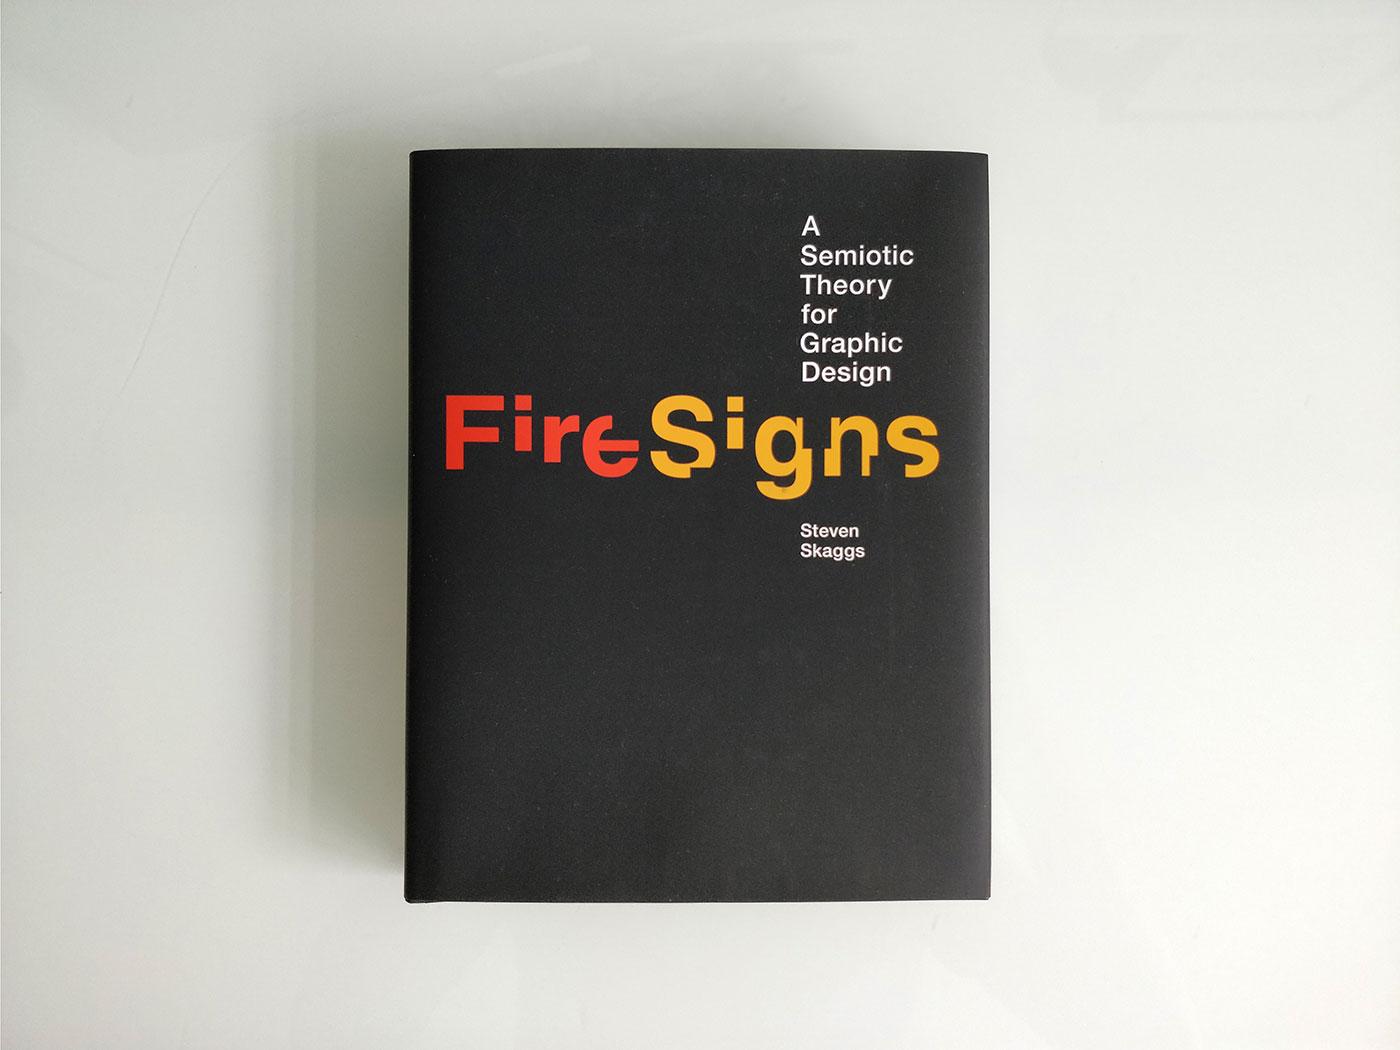 FireSigns book, Steven Skaggs